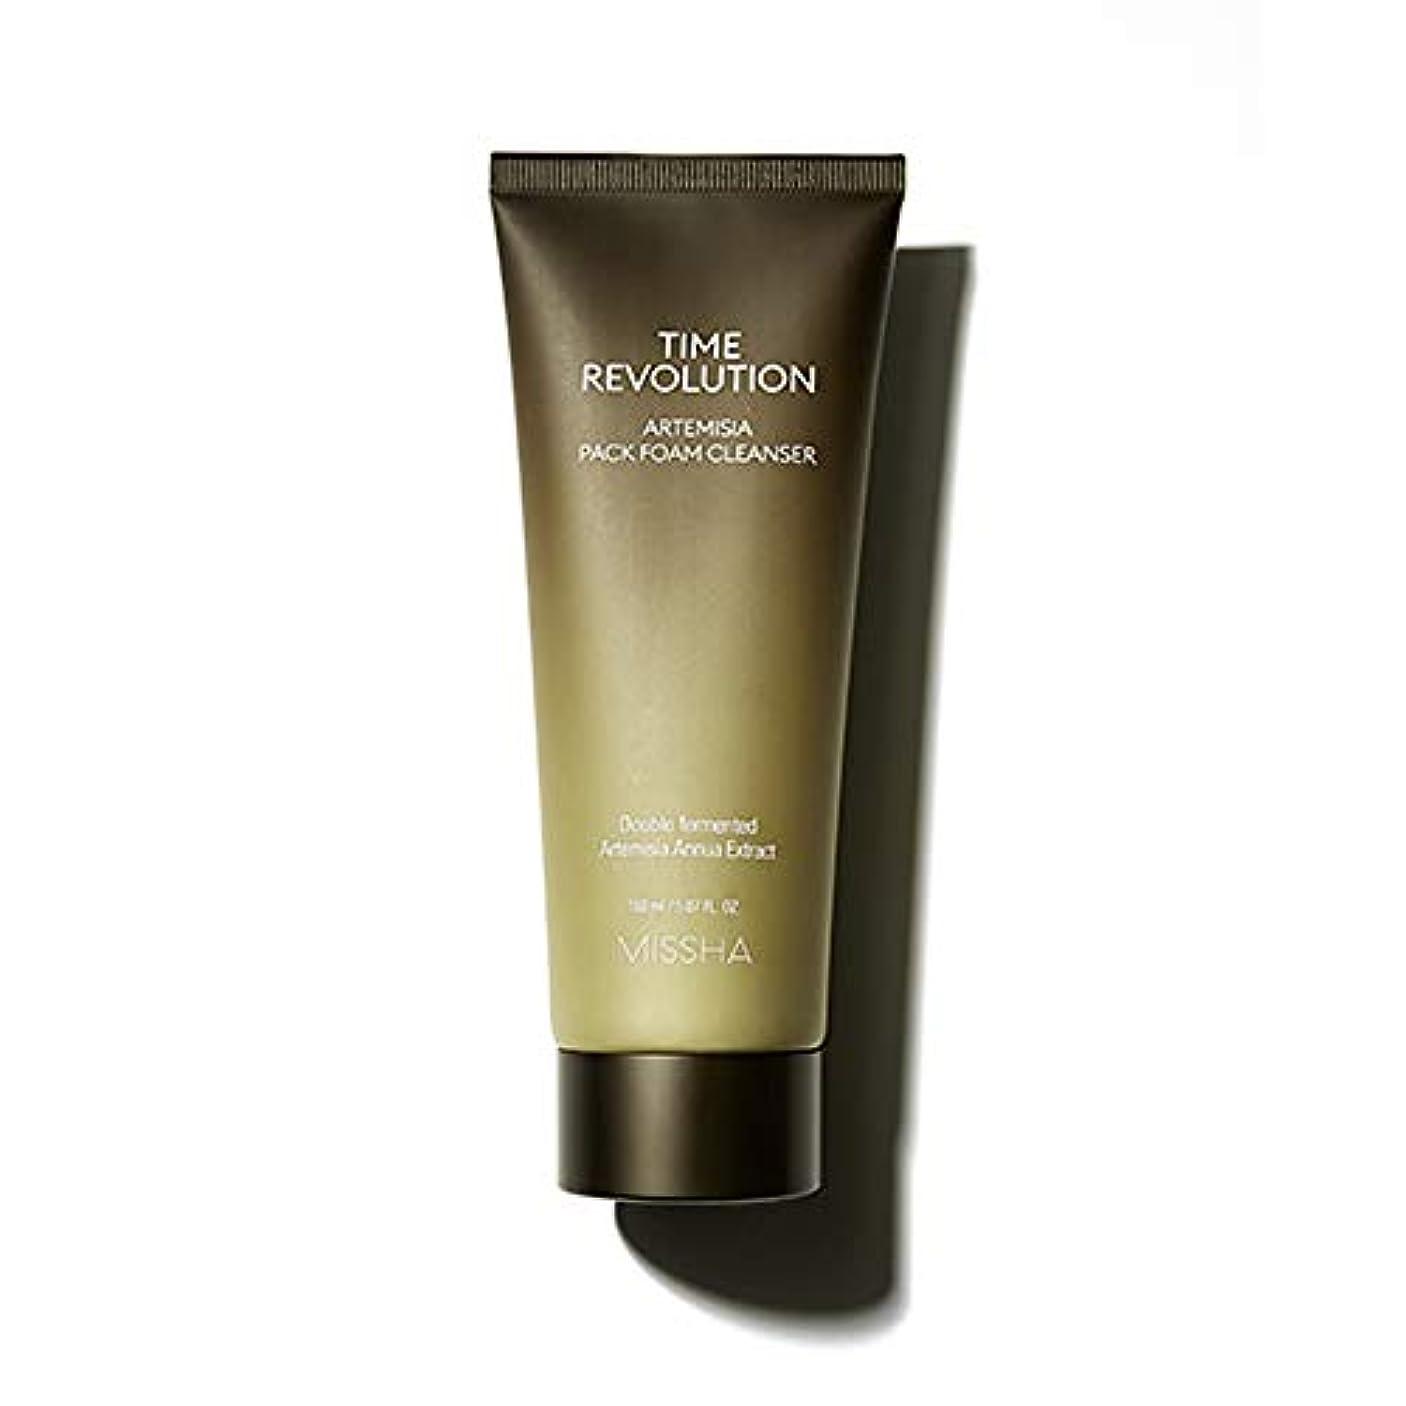 手数料糞偏差Missha Time Revolution Artemisia Pack Foam Cleanser 150ml ミシャ タイム レボリューション アルテミシア パック ィー フォームクレンザー [並行輸入品]